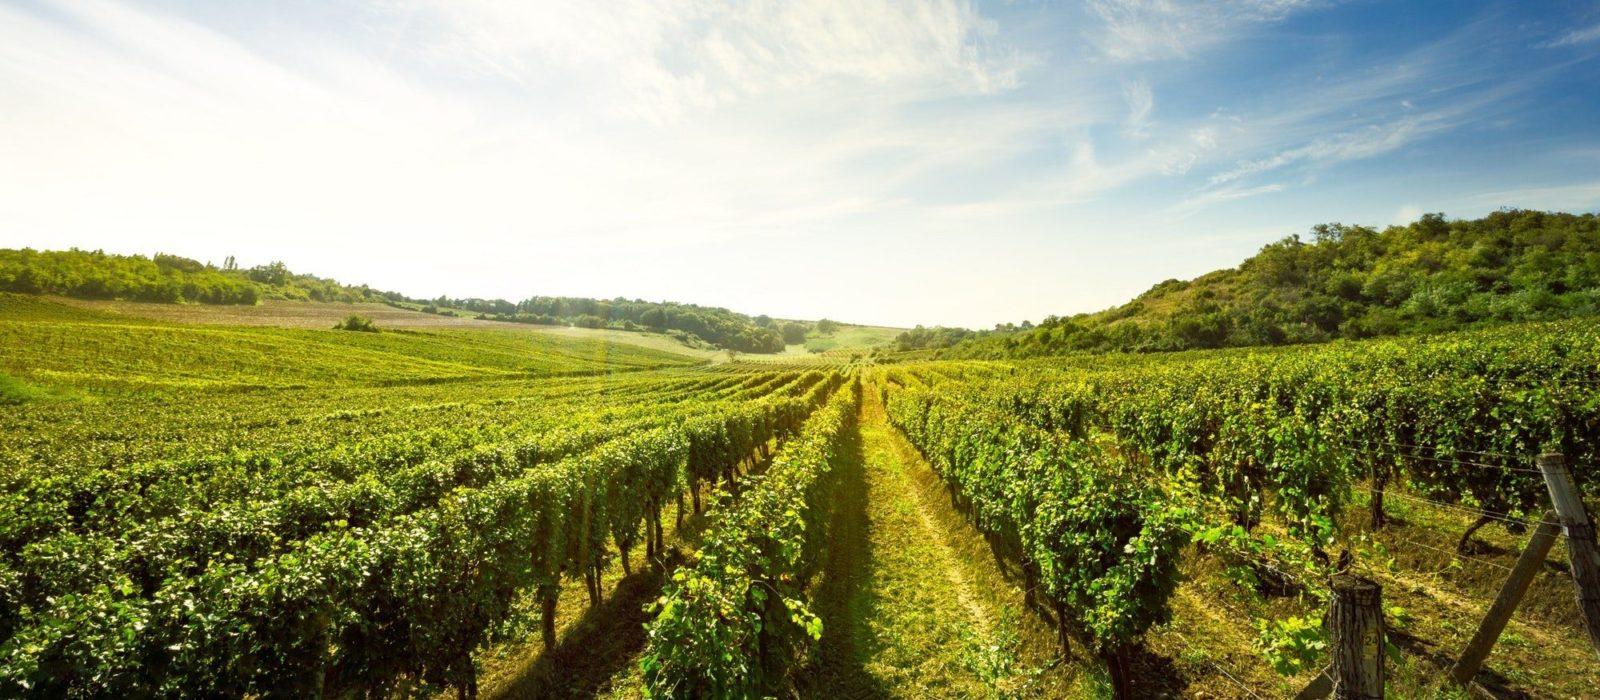 Symbolbild Caudalie zeigt ein Weinanbau